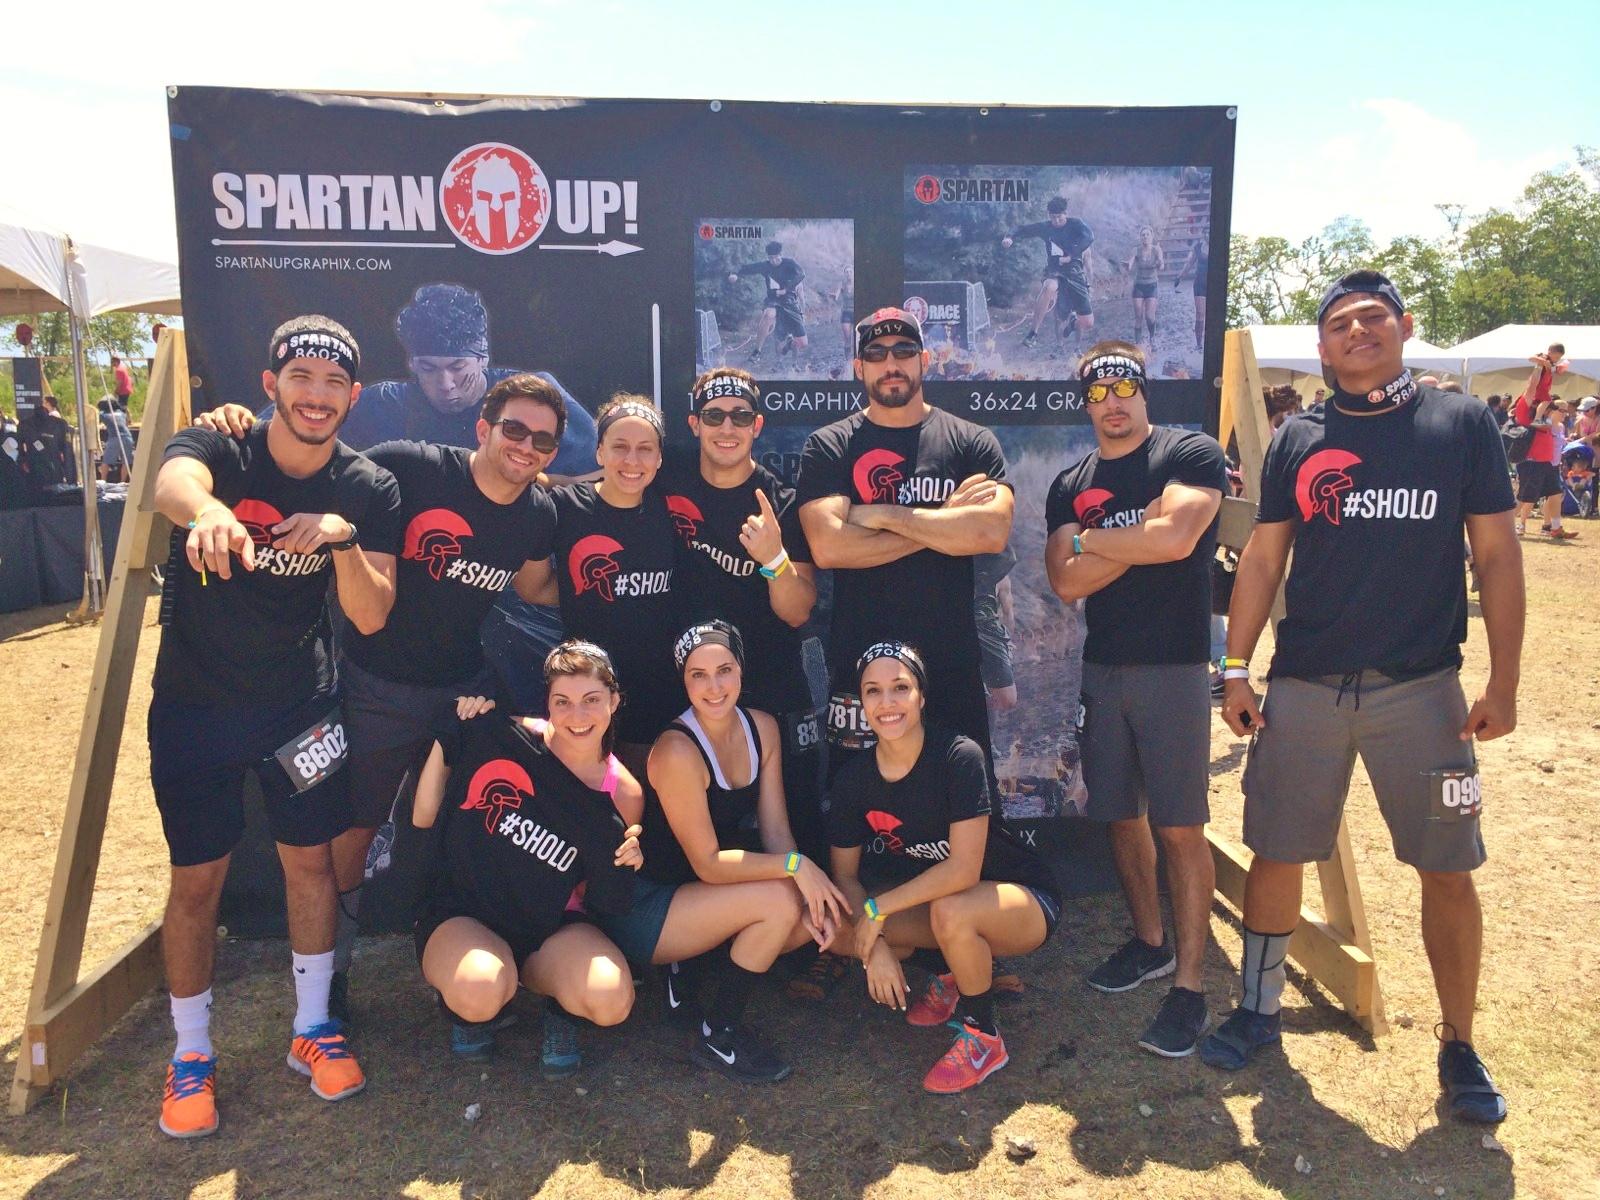 Custom T Shirts For Sholo Super Spartan Race Team Tees Shirt Design Ideas